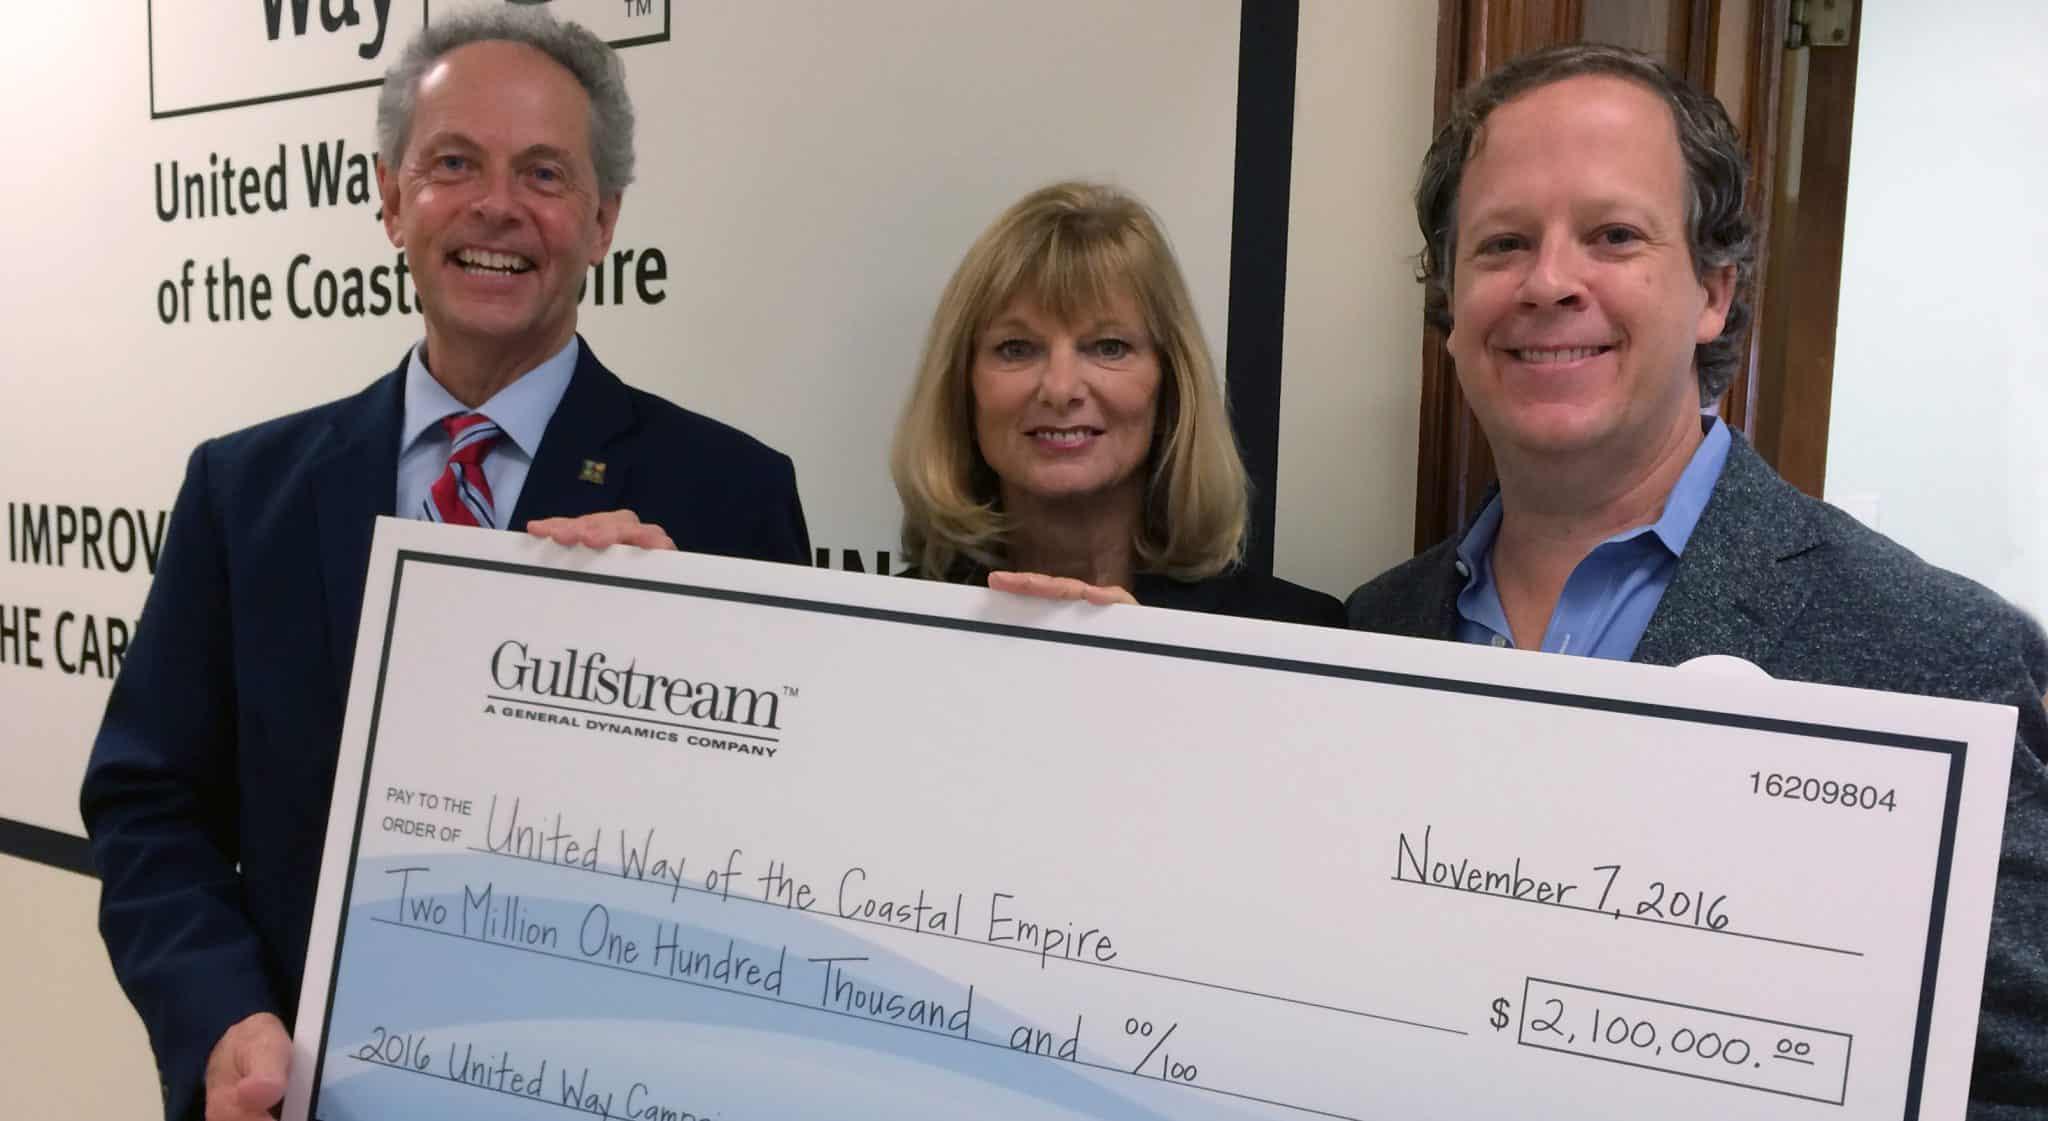 UWCE Receives $2.1 Million From Gulfstream